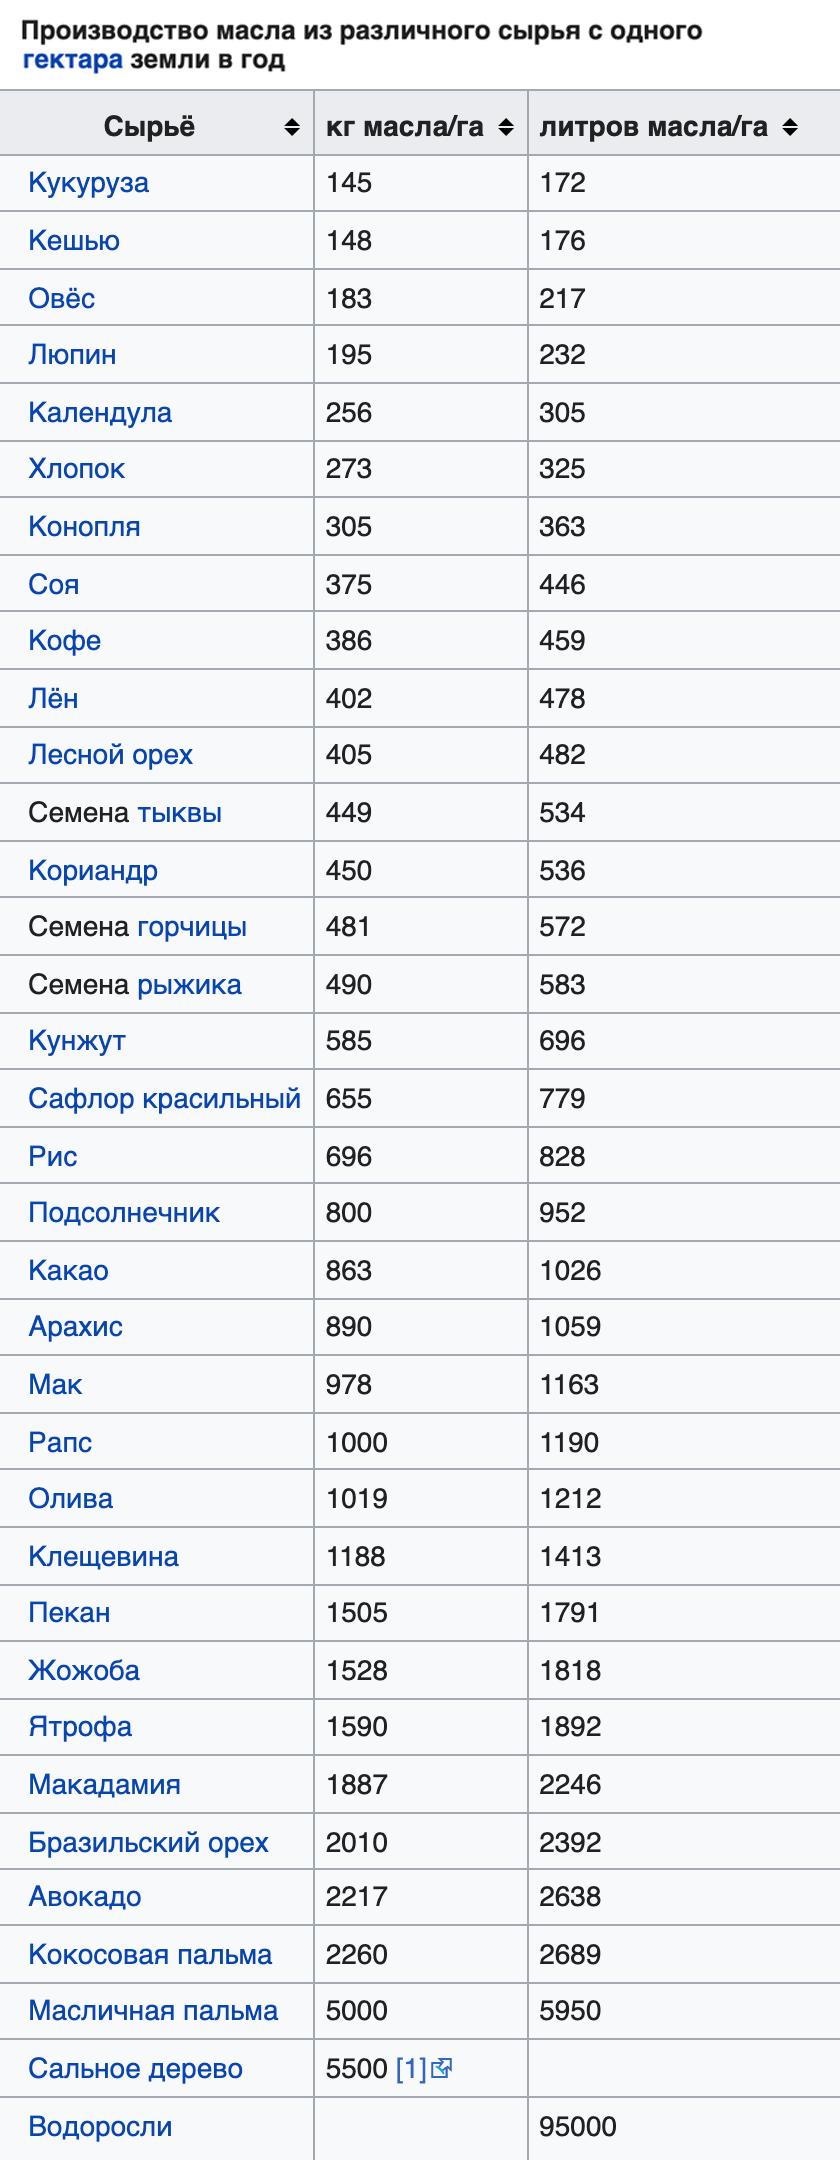 Среднее производство масла из различного сырья. Источник: Википедия